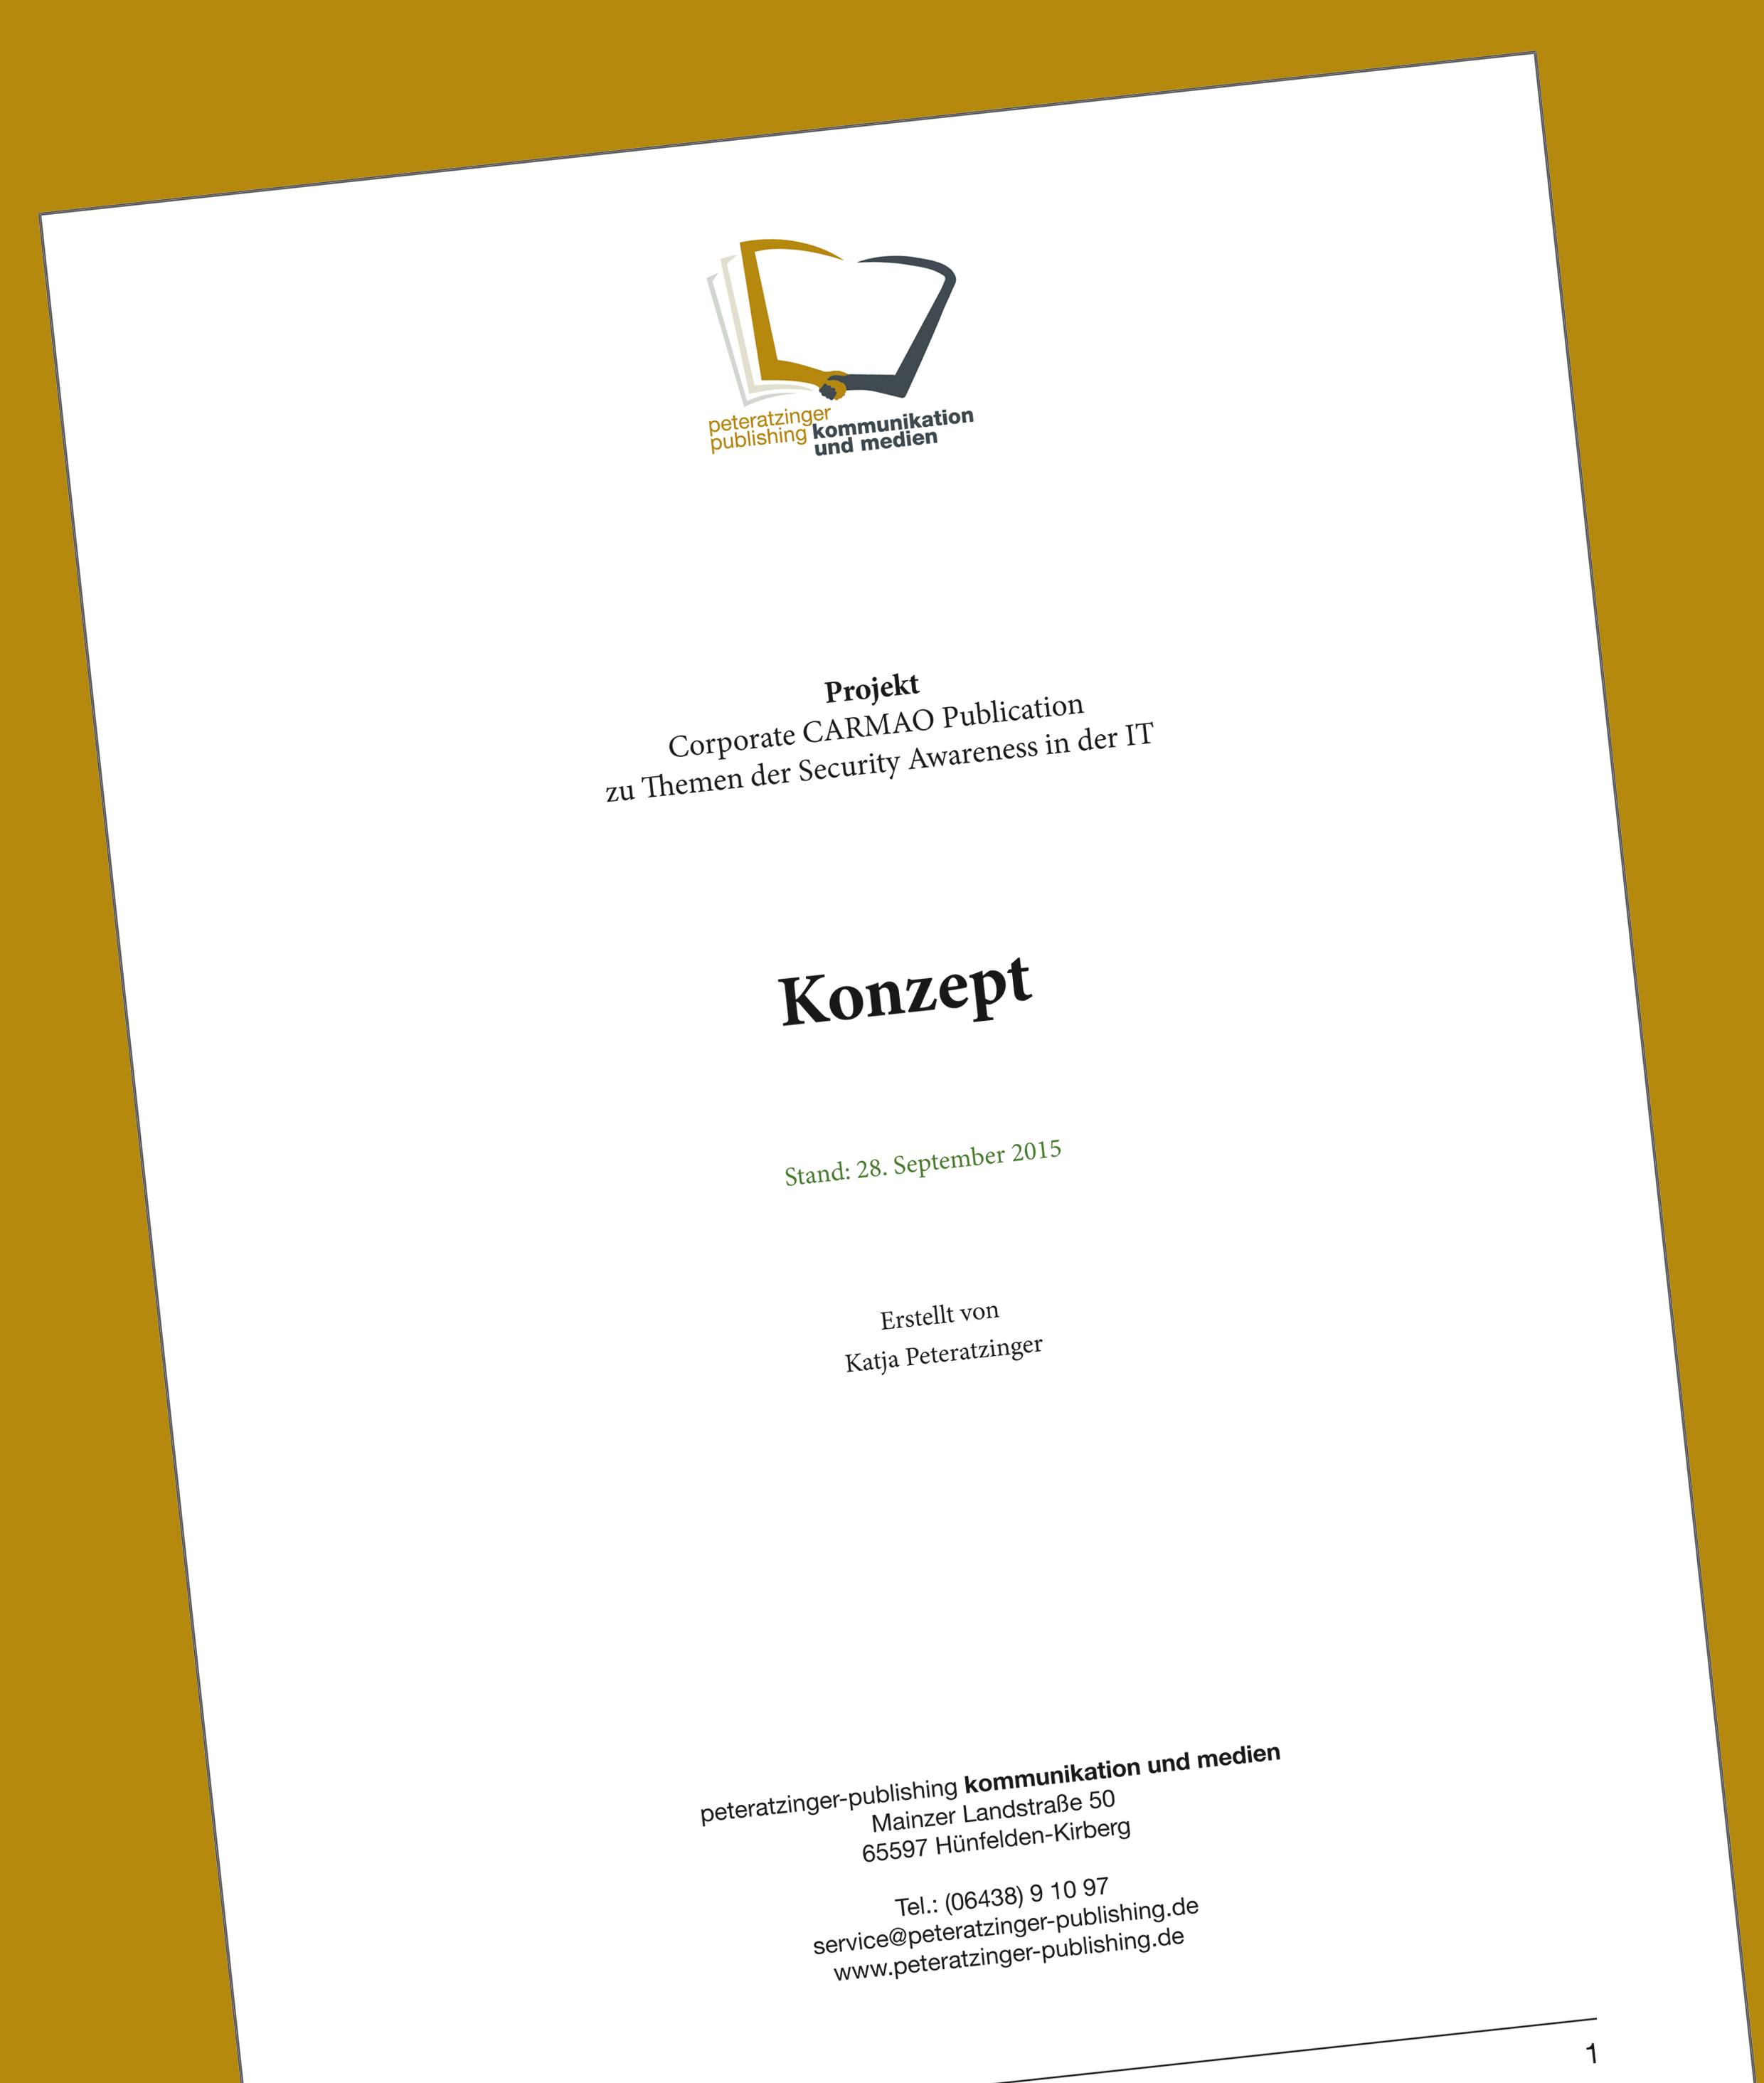 Corporate Publishing Konzept